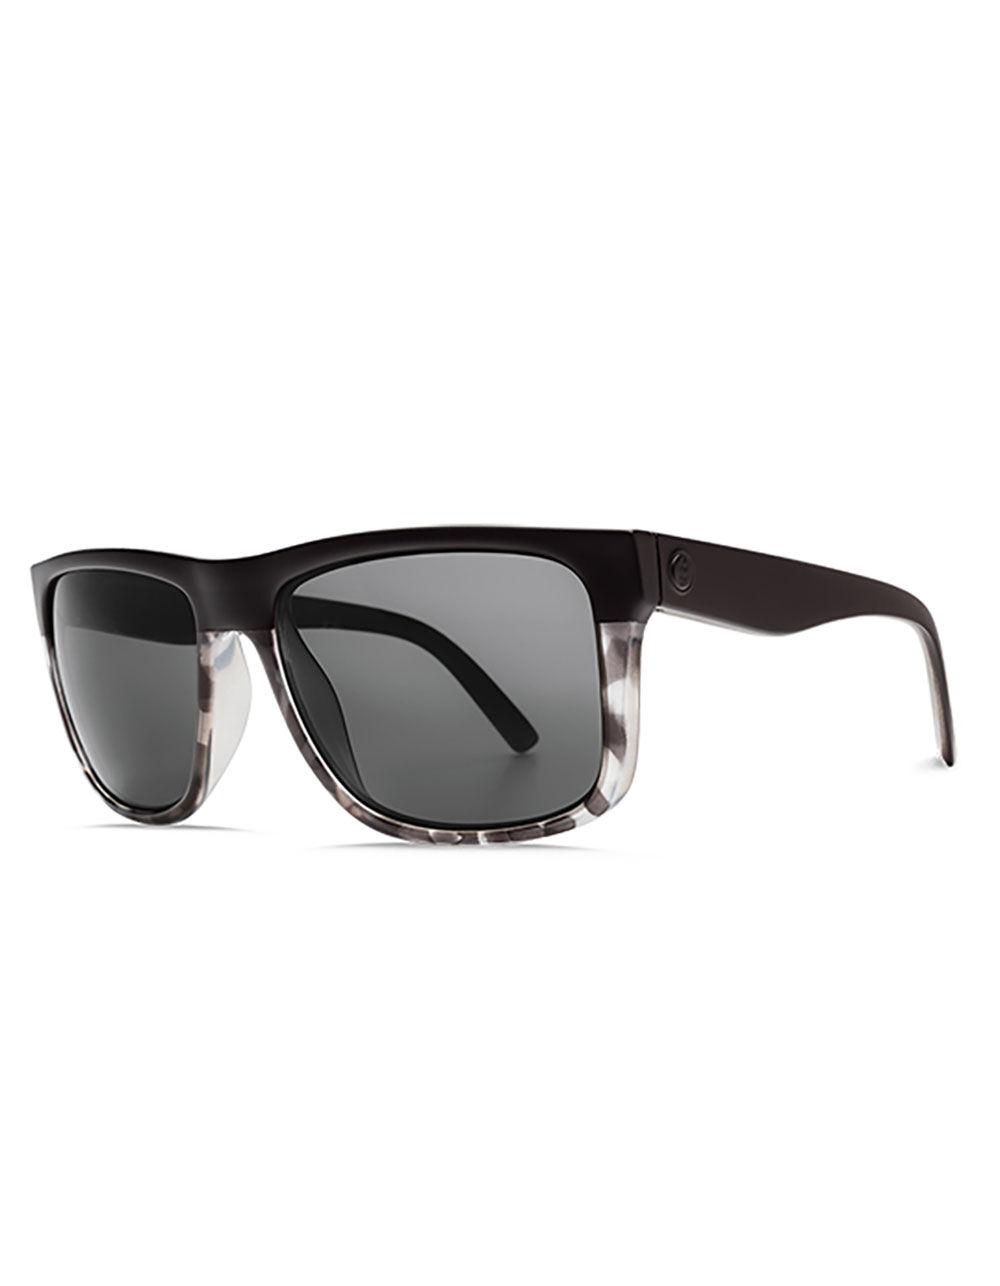 ELECTRIC Swingarm XL Darkstone Polarized Sunglasses